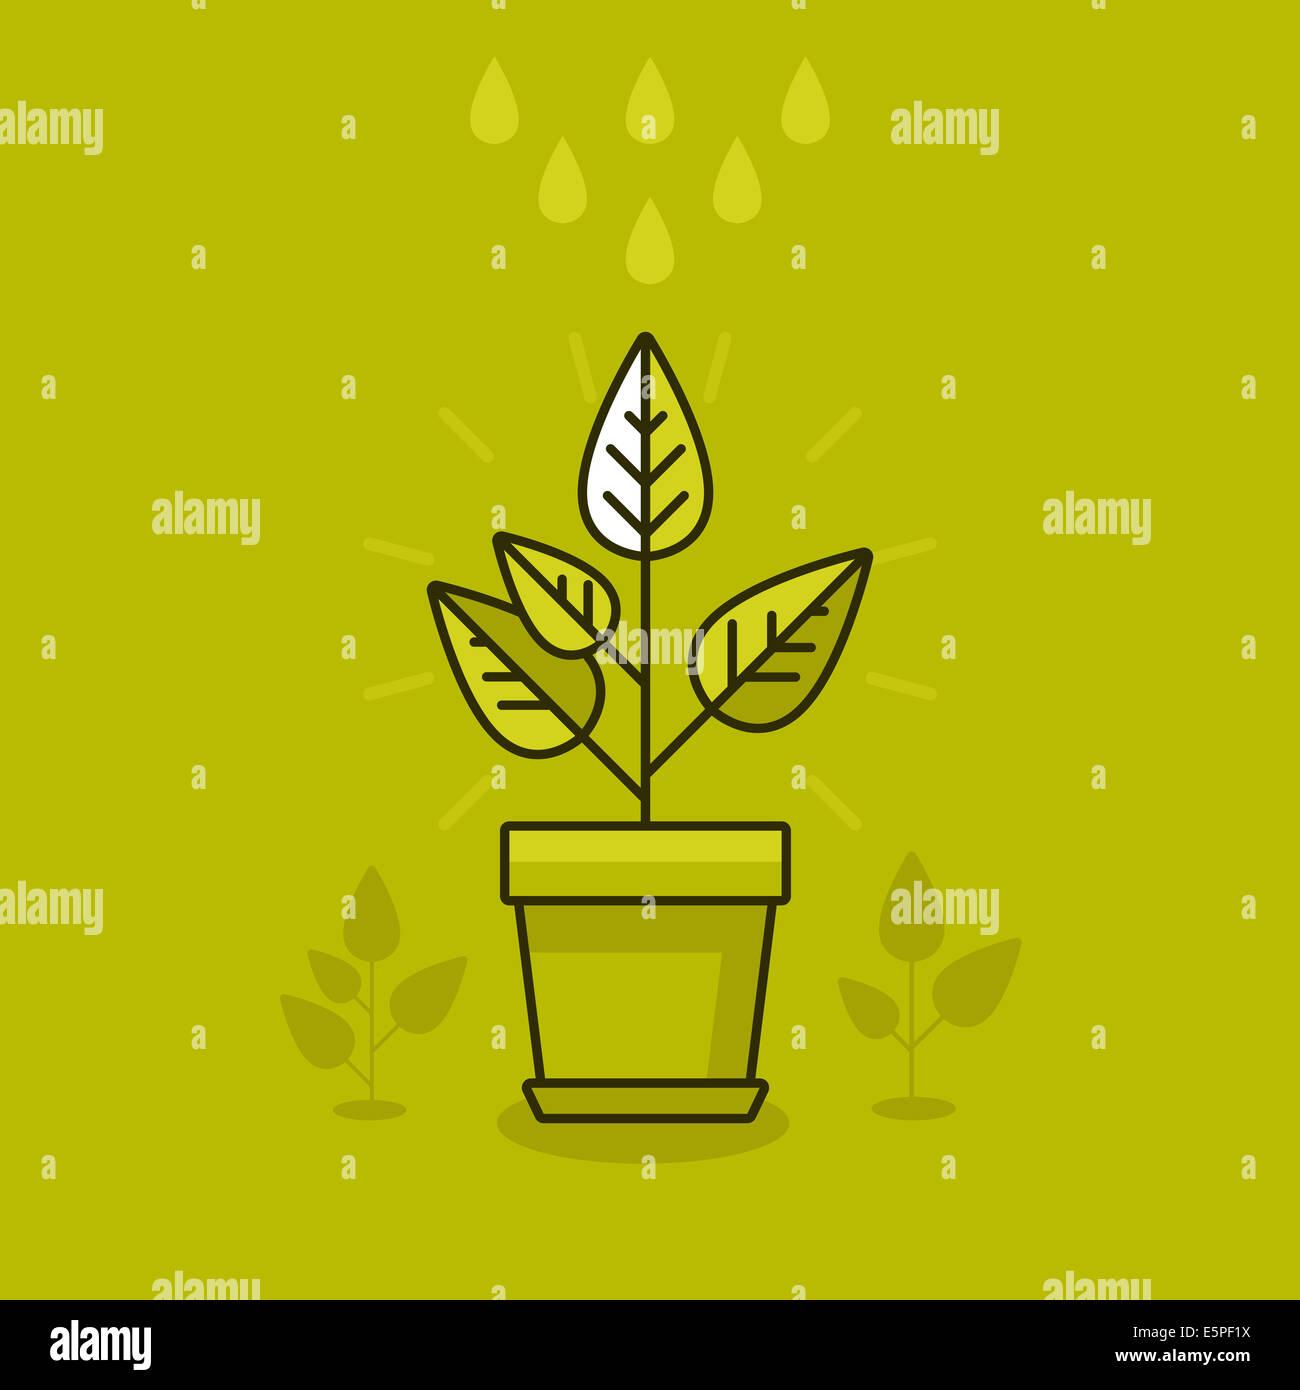 Abstract il concetto di crescita - nuovo impianto in pentola - icona in stile piatto Immagini Stock